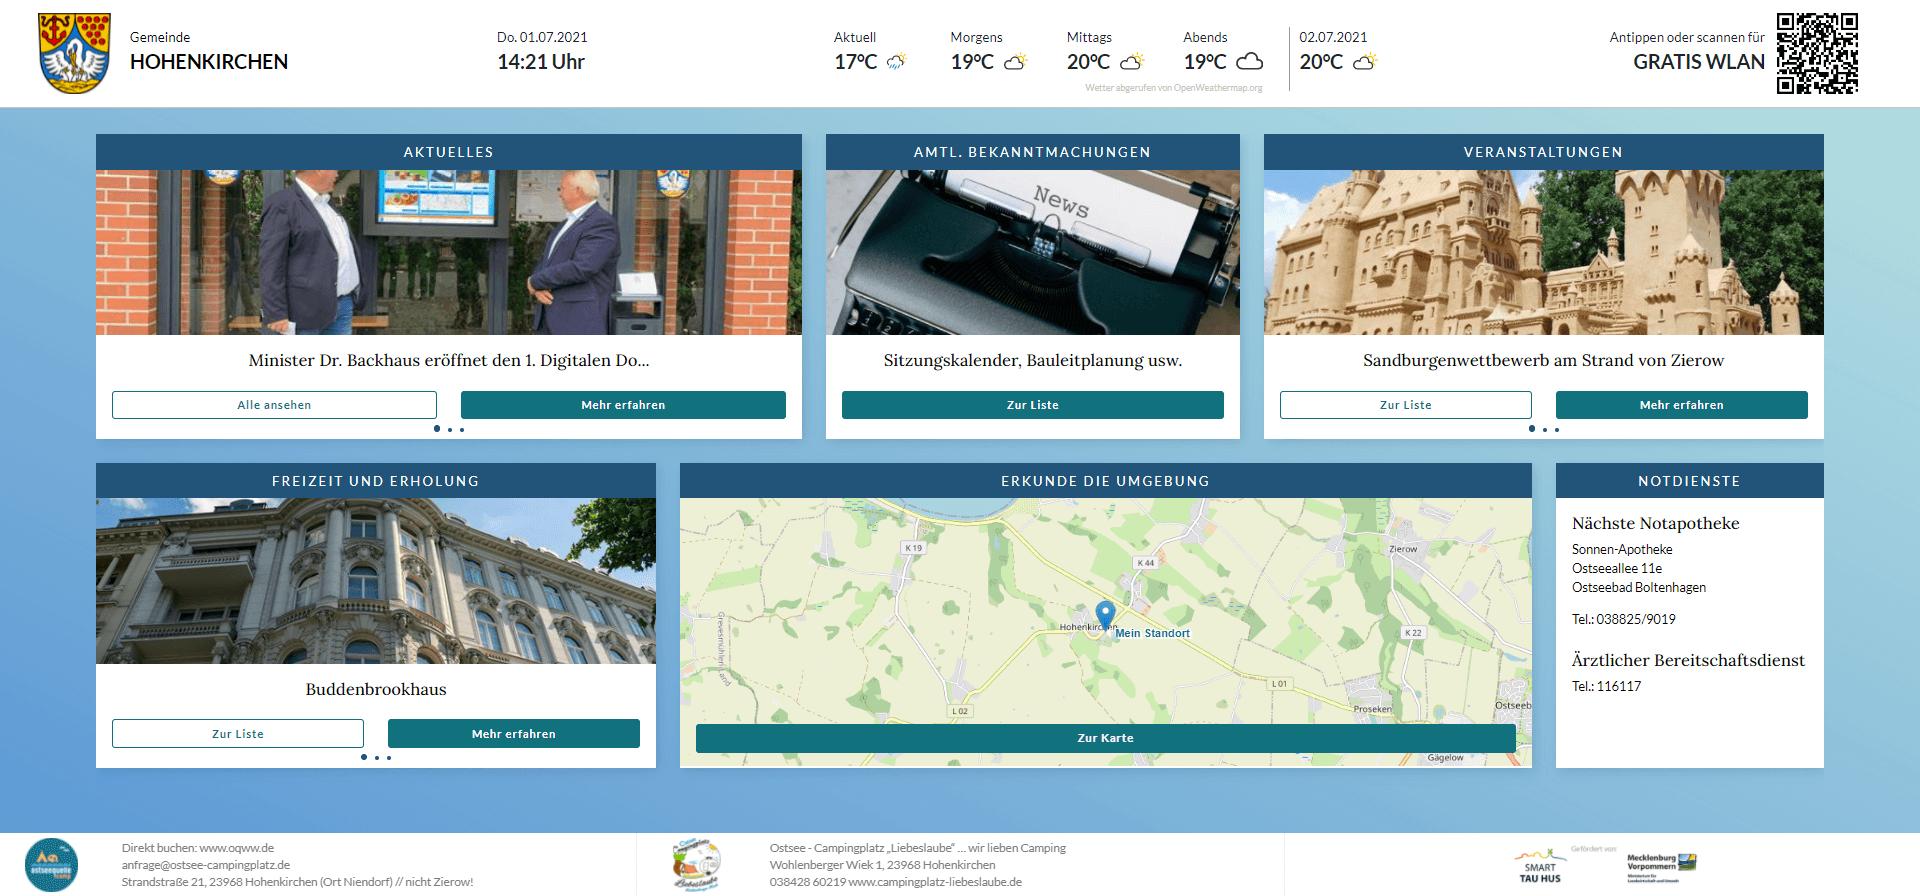 Screenshot vom ersten digitalen Dorfplatz Deutschlands in Hohenkirchen